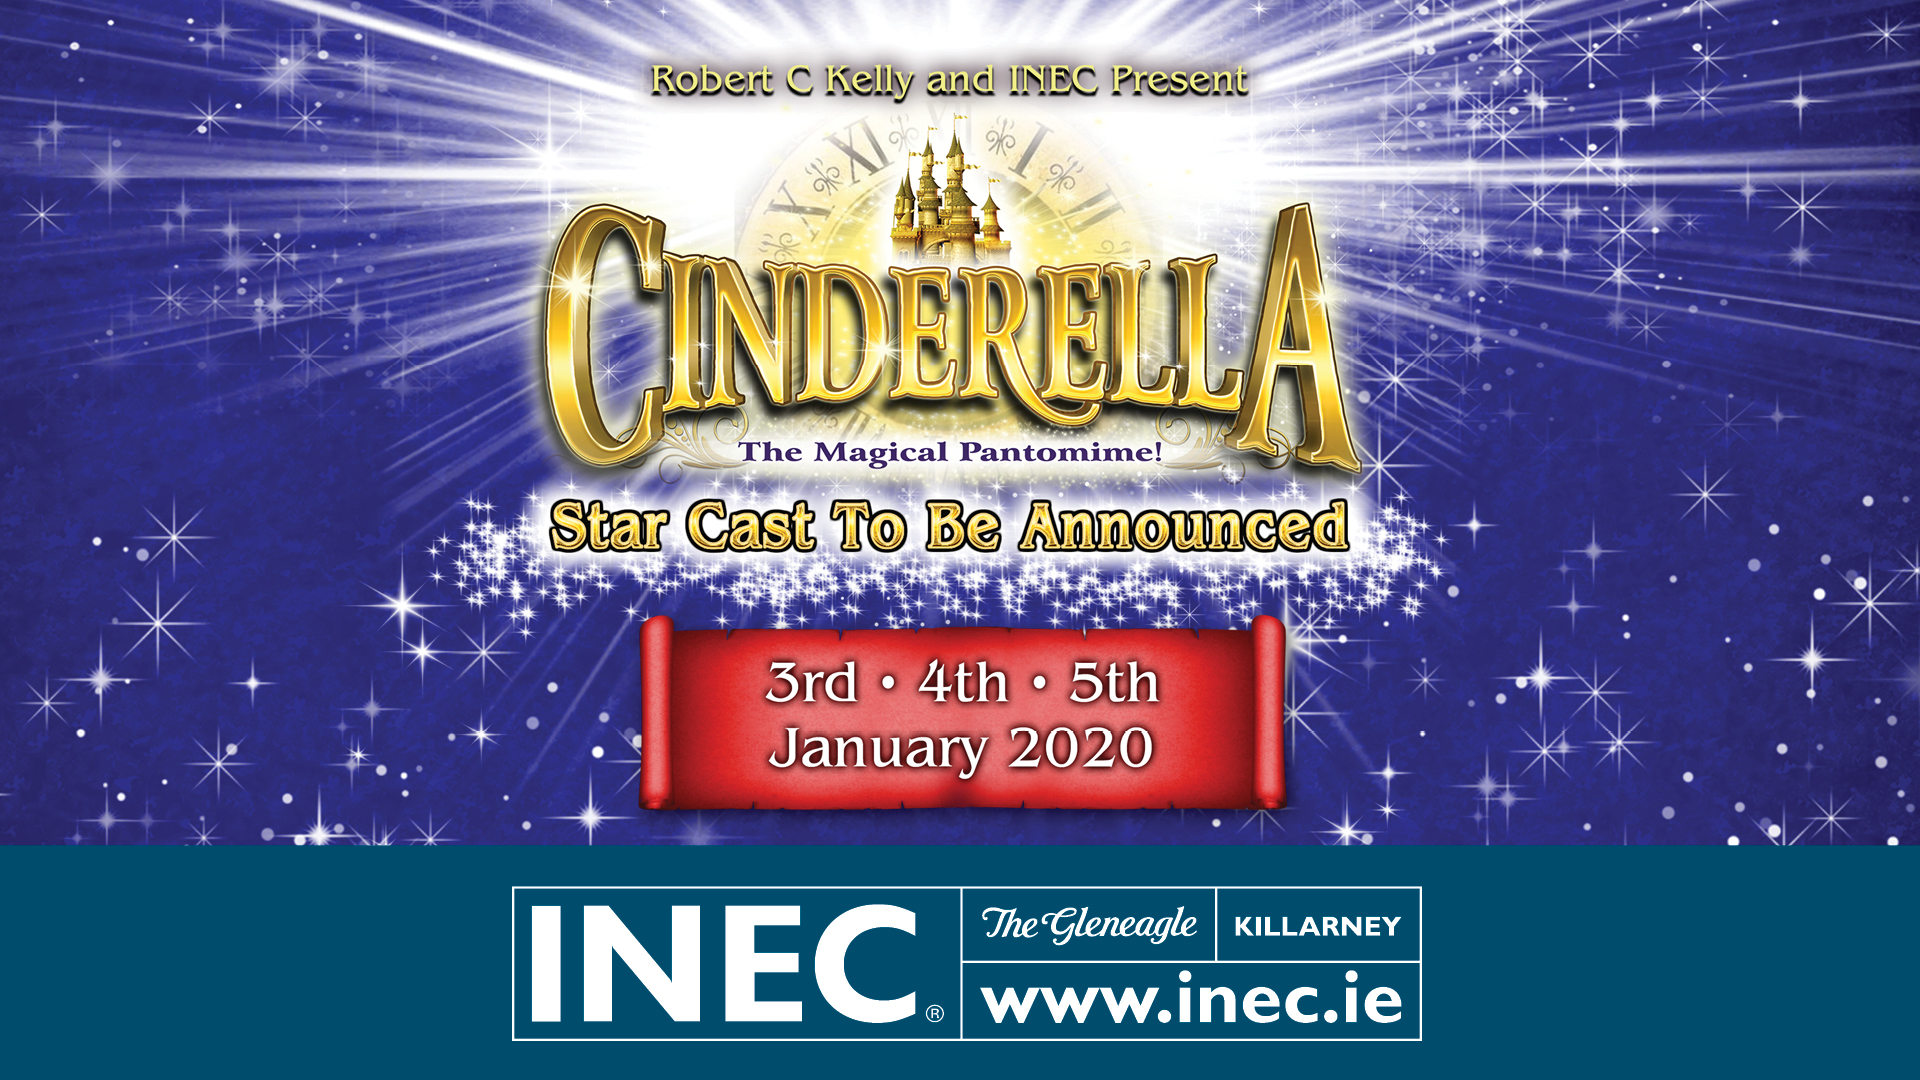 Cinderella comes to the INEC Killarney Jan 3 -5 2020